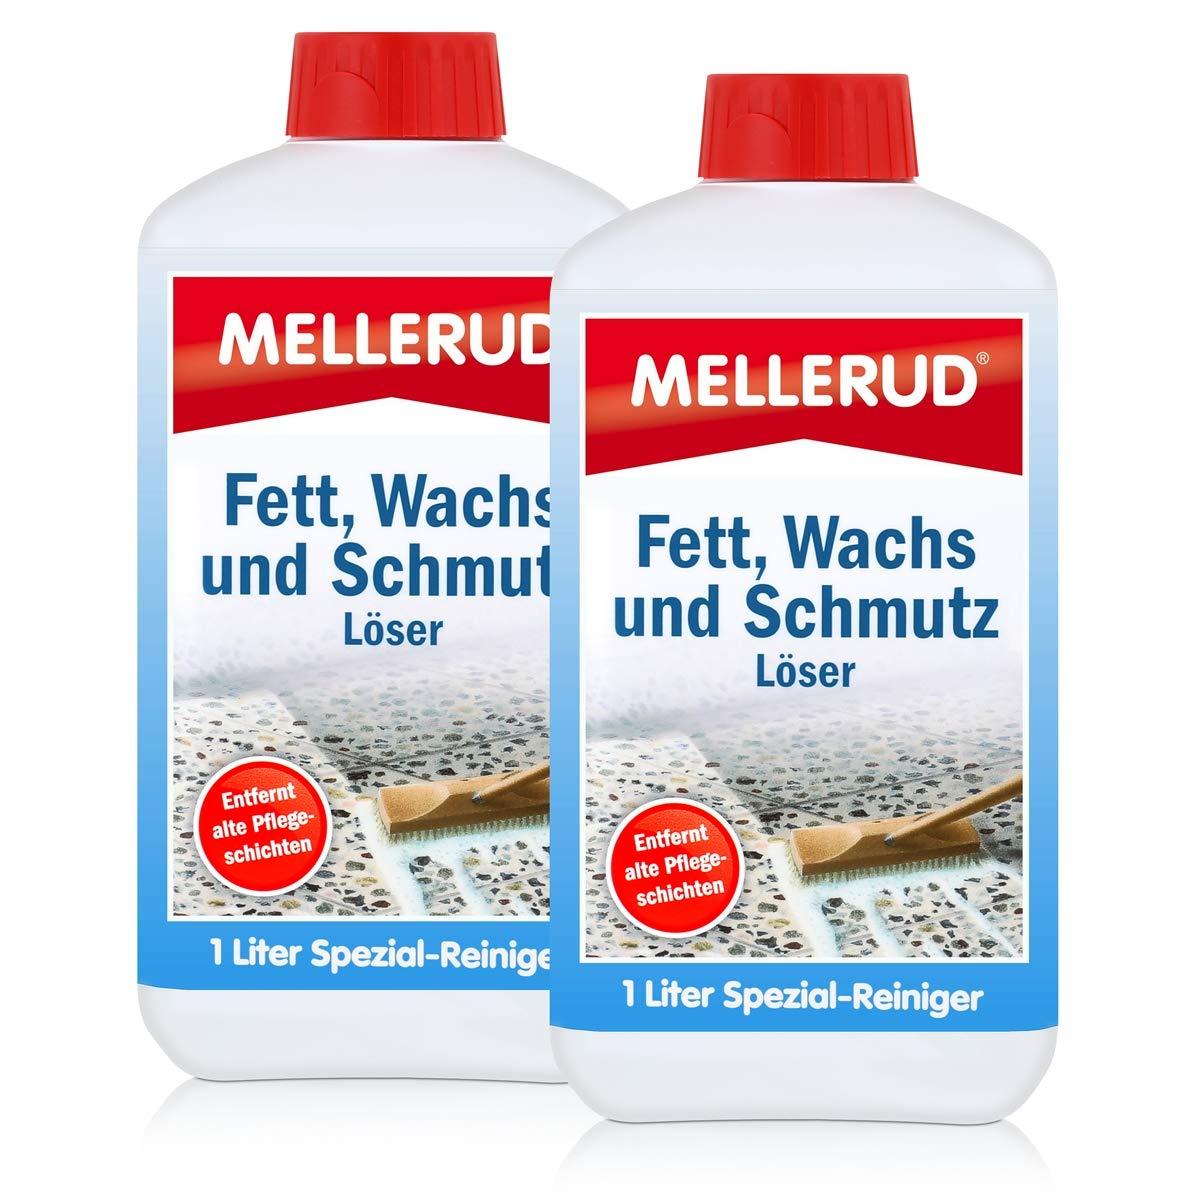 2x Mellerud Fett, Wachs und Schmutz Lö ser 1L